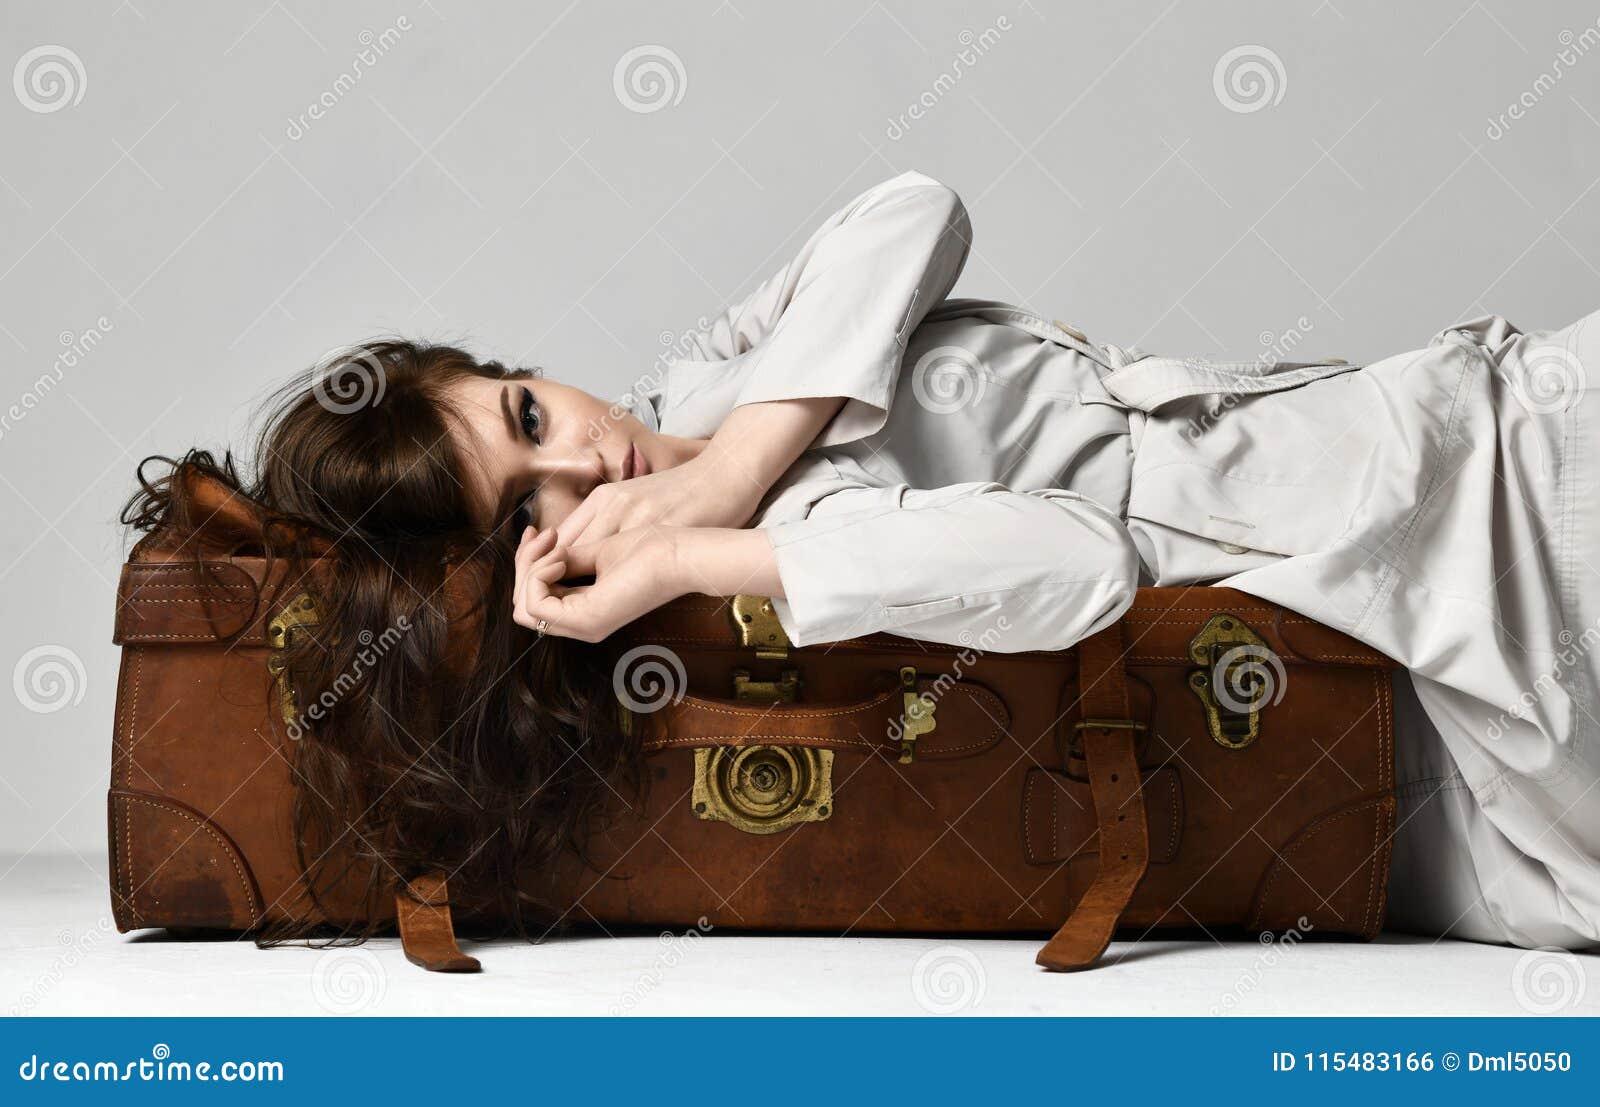 Belle femme de hippie de brune dans la veste grise d automne se trouvant sur le rétro sac brun en cuir de voyage sur le gris